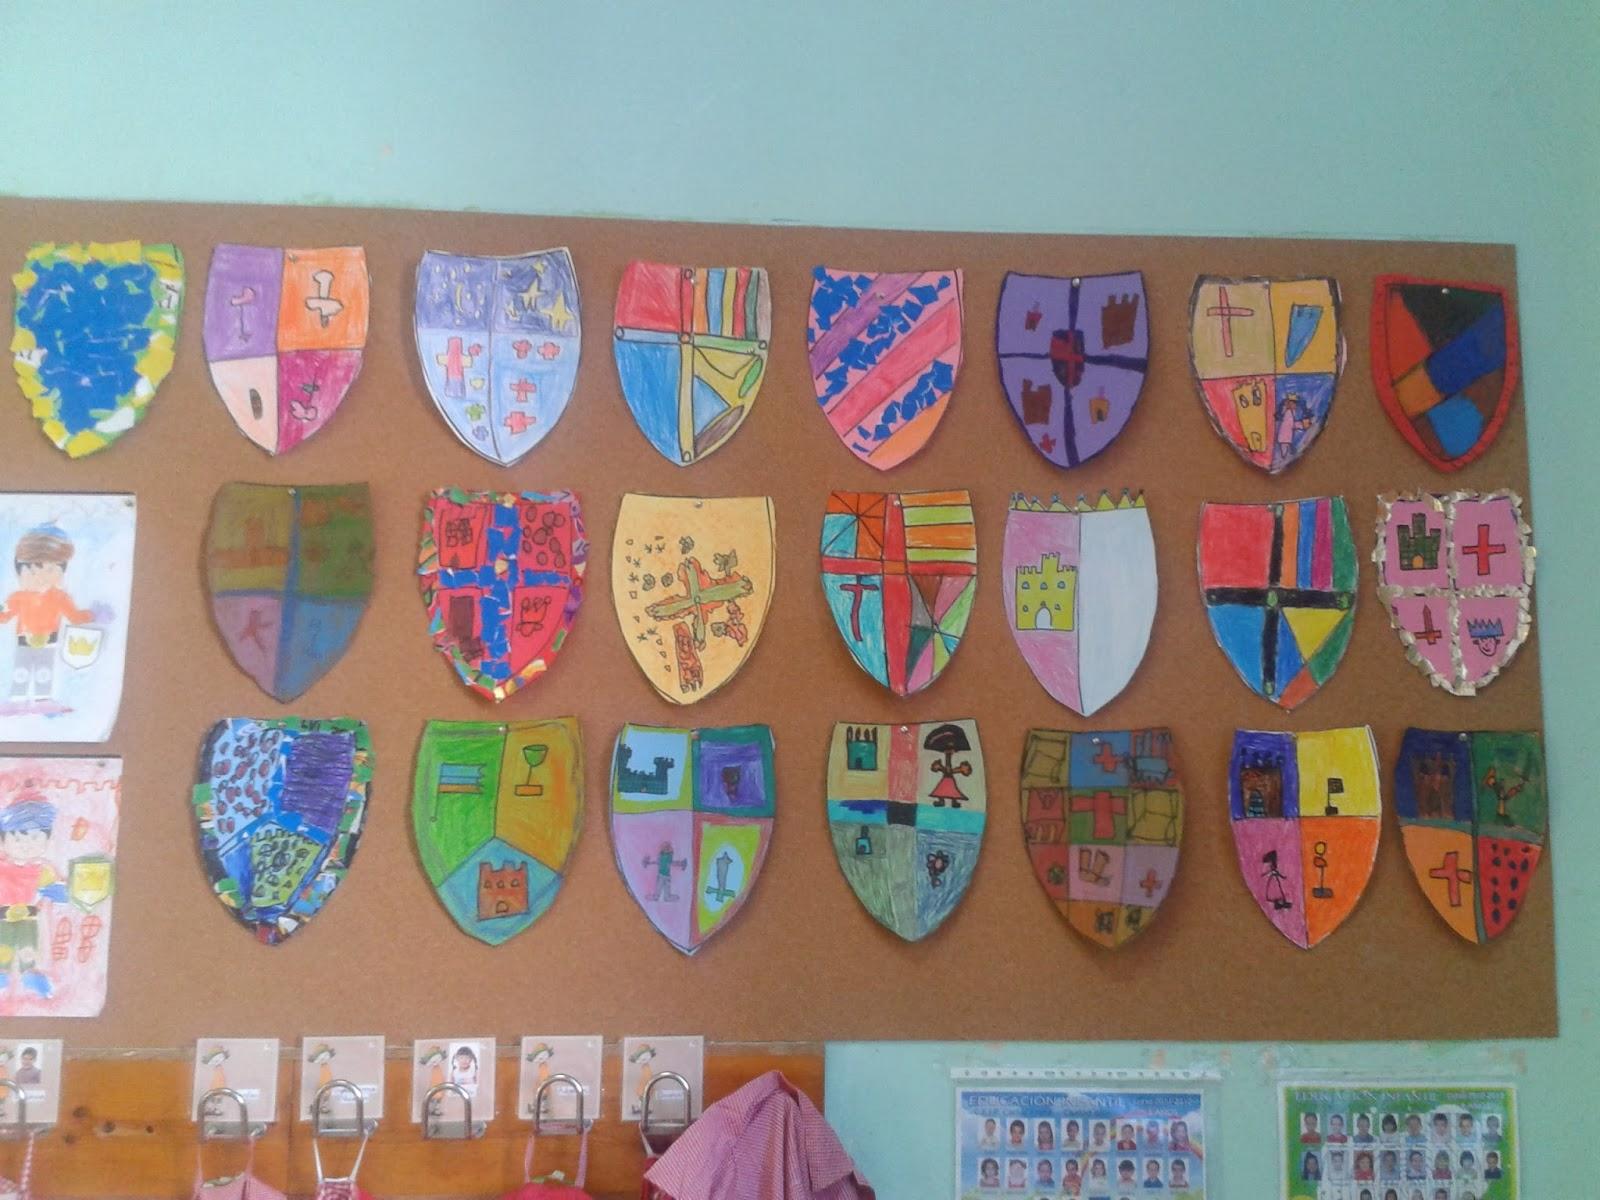 Los peques de feli defendiendo el castillo medieval - Manualidades castillo medieval ...